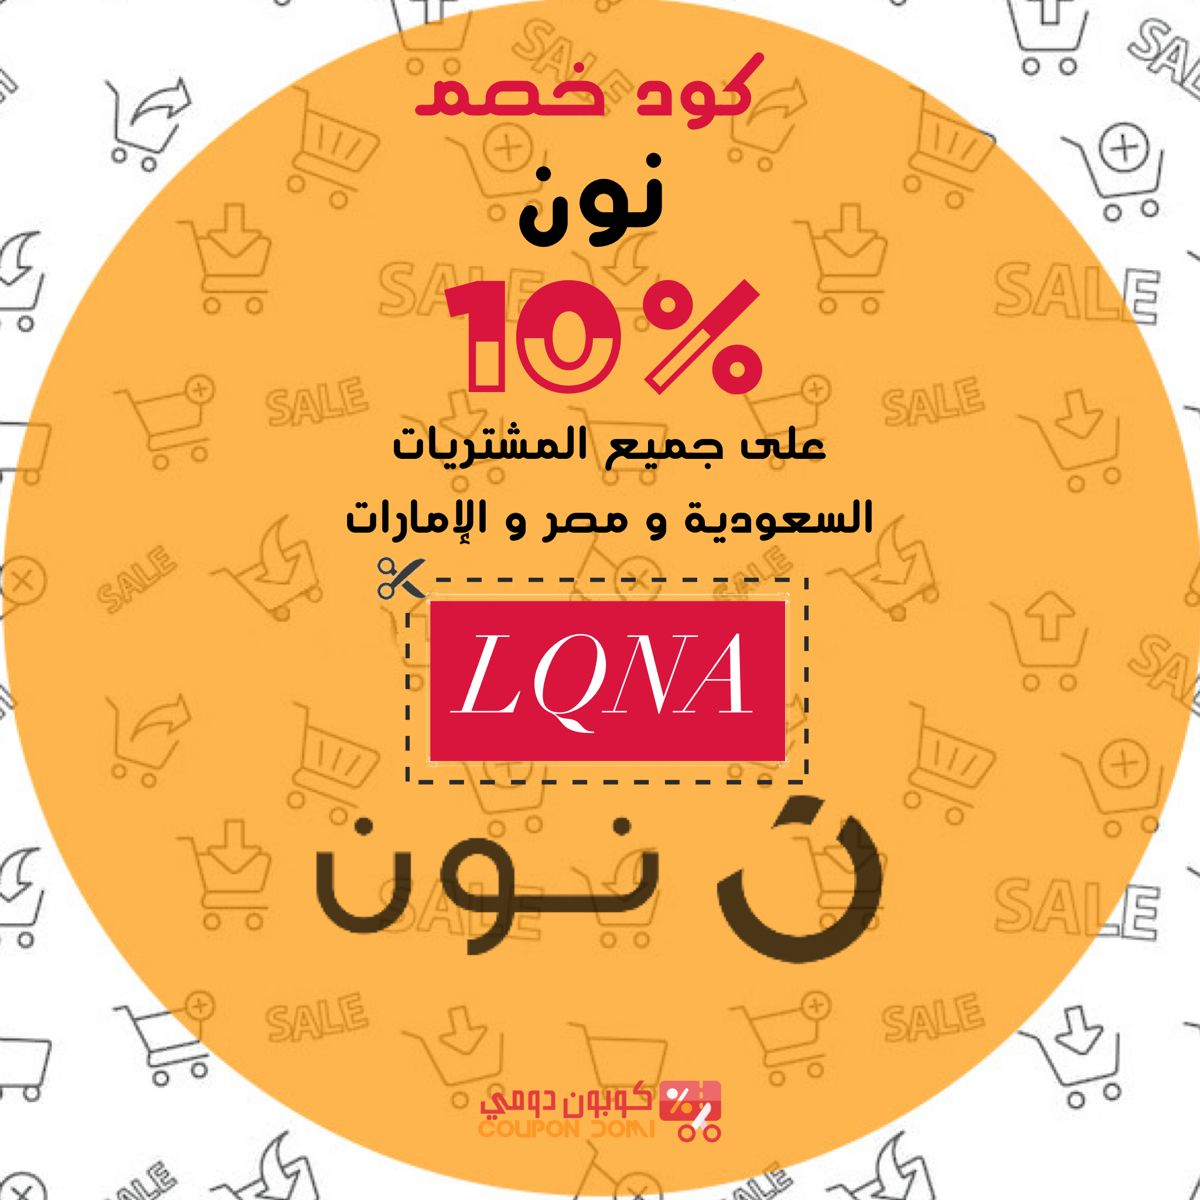 كود خصم نون السعودية و الإمارات و مصر 10 إضافية من Noon Ullo 10 Things I 9